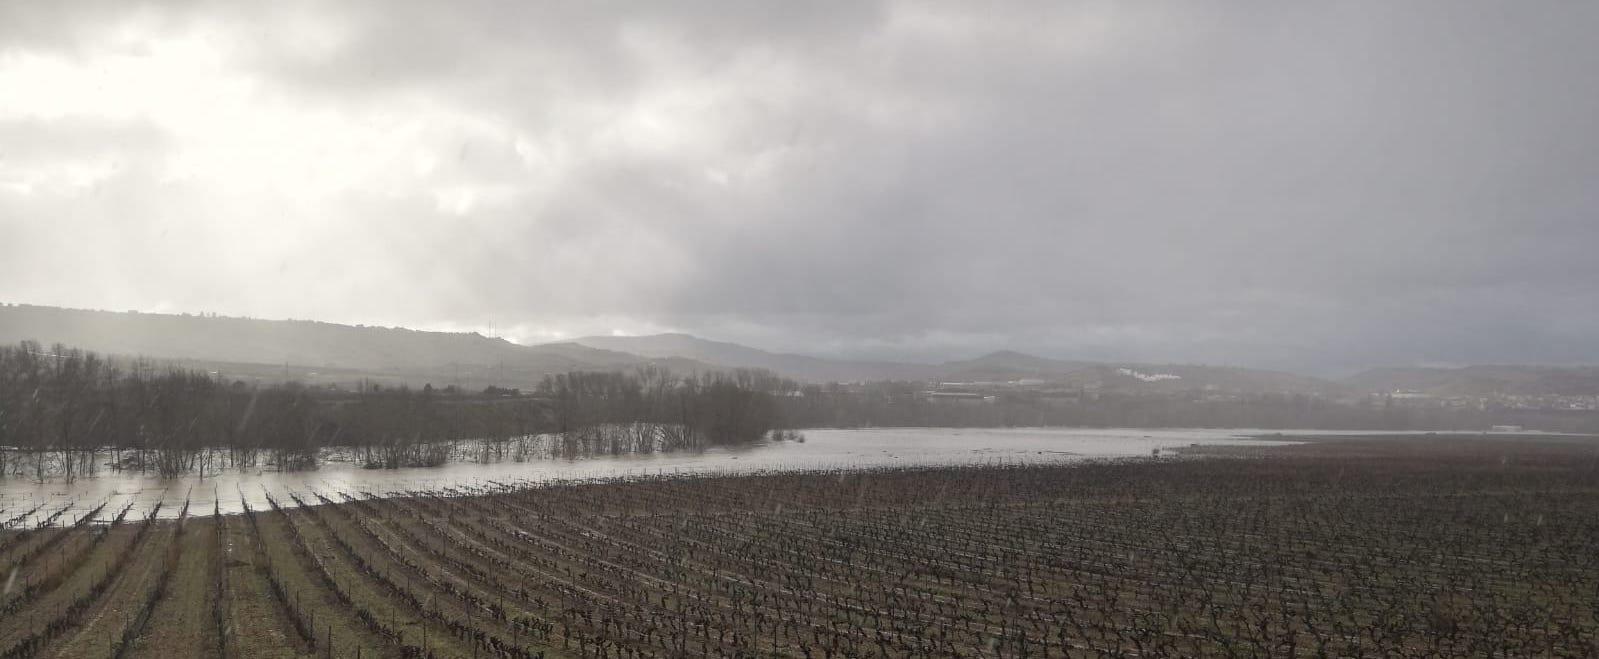 Elciego (Rioja Alavesa) | 25 de enero de 2019